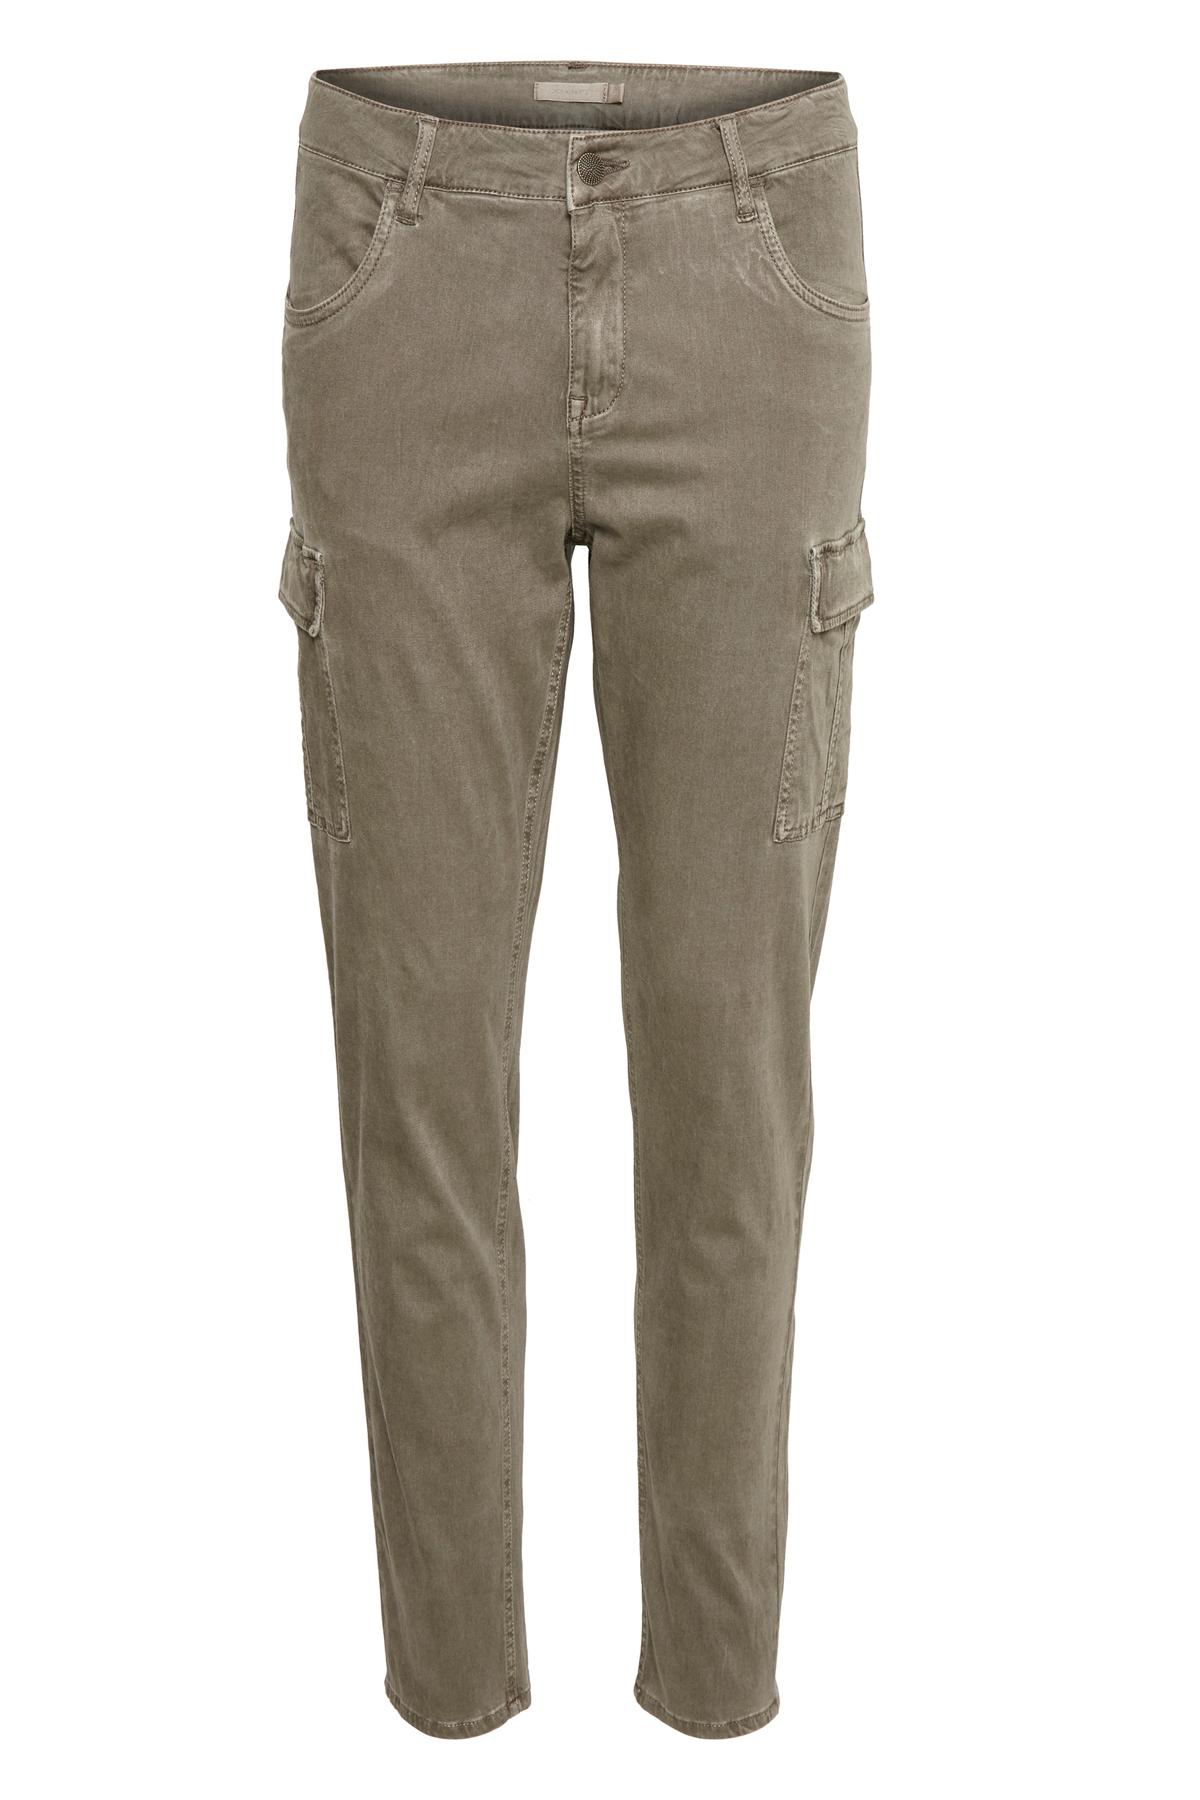 Bon'A Parte Dame Comfortabele broek van stevige twill met een zacht oppervlak. Vaste tailleband, riemlussen en rits. Steekzakken voor, heupzakken met klep en paspelzakken achter. Draag deze casual broek met een cool T-shirt, een vest en veterschoenen voor